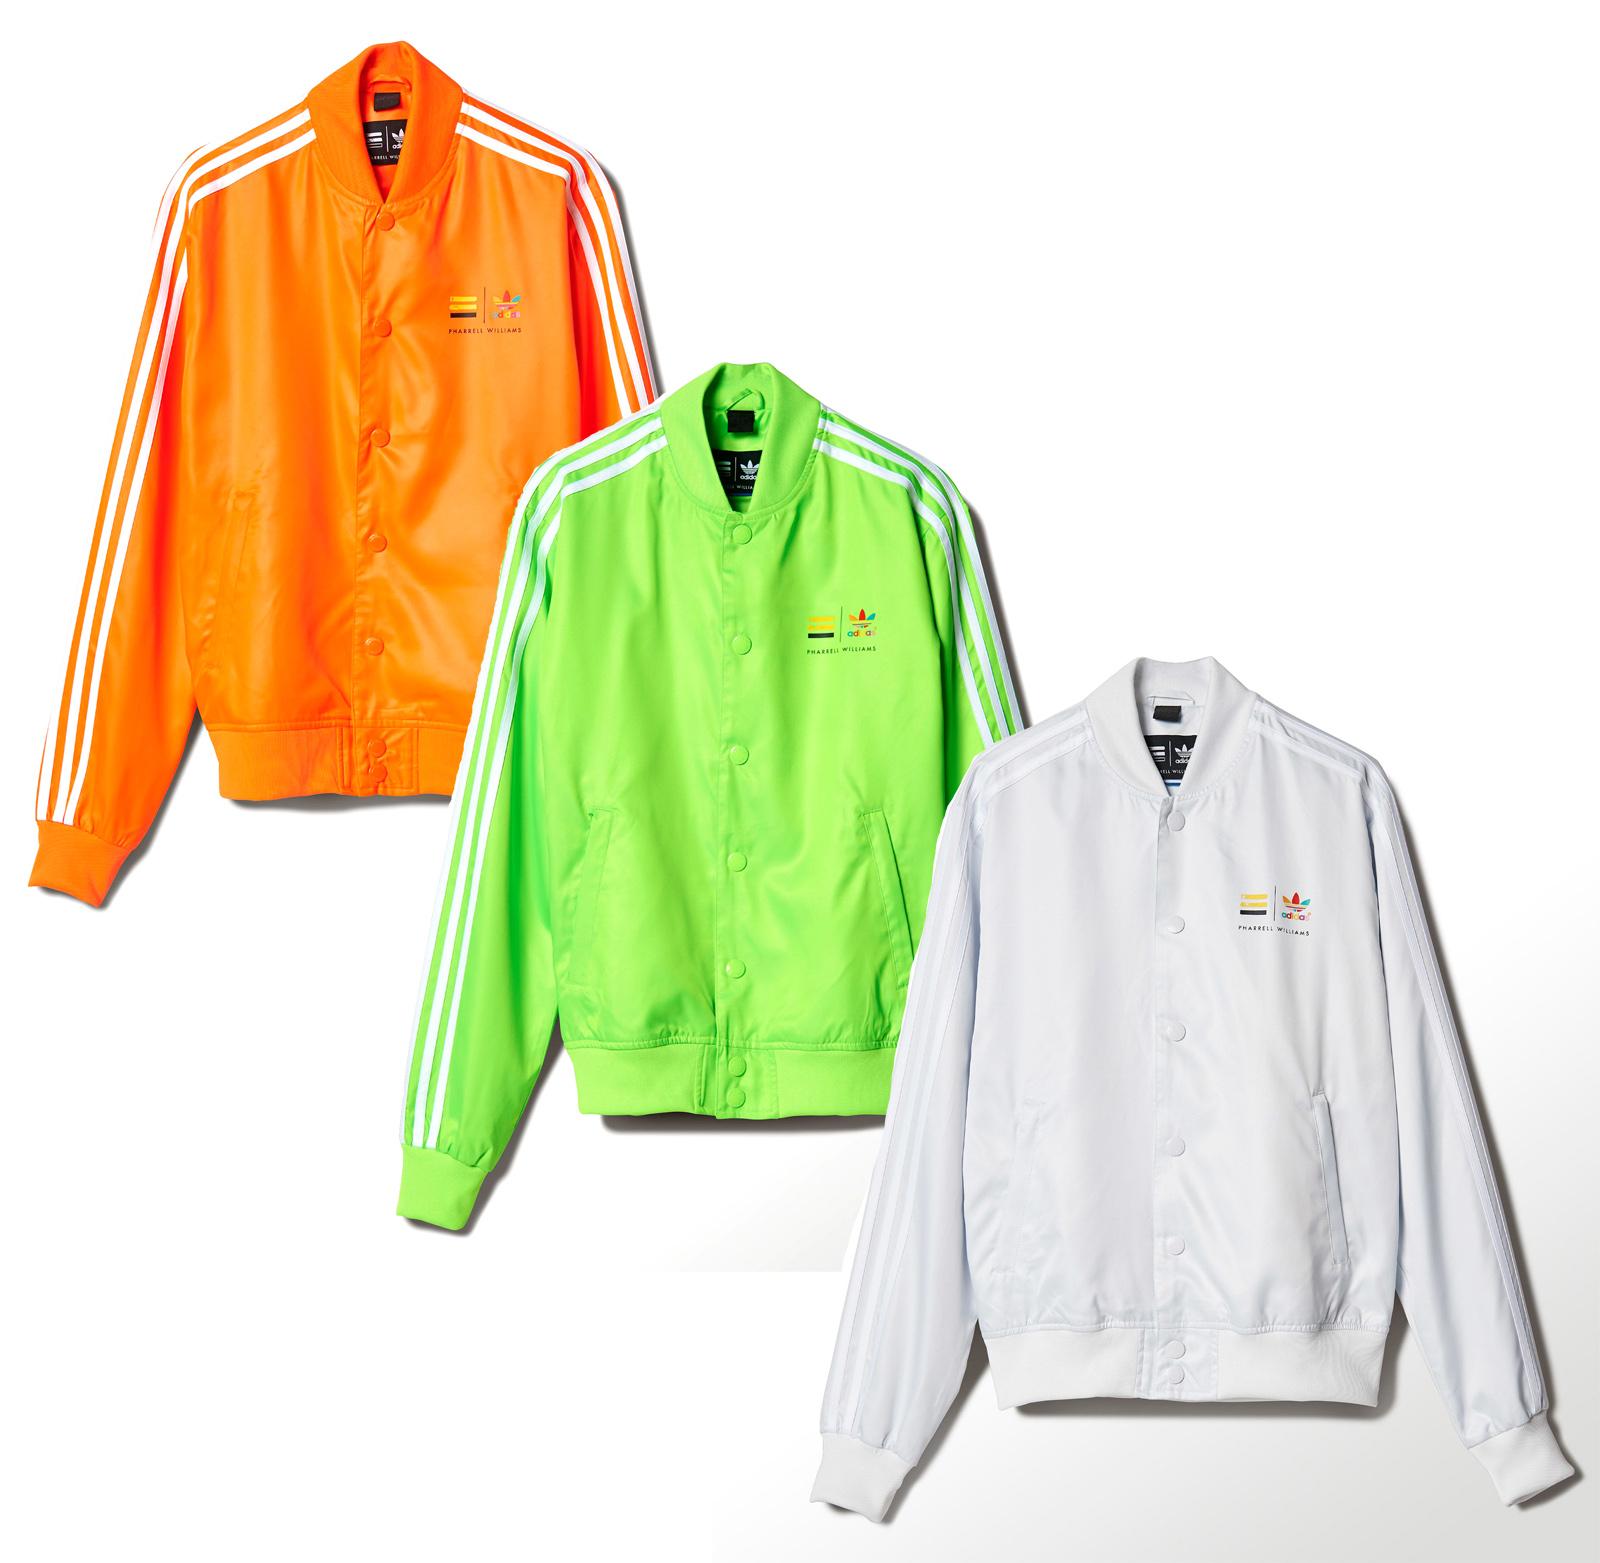 manteau adidas original